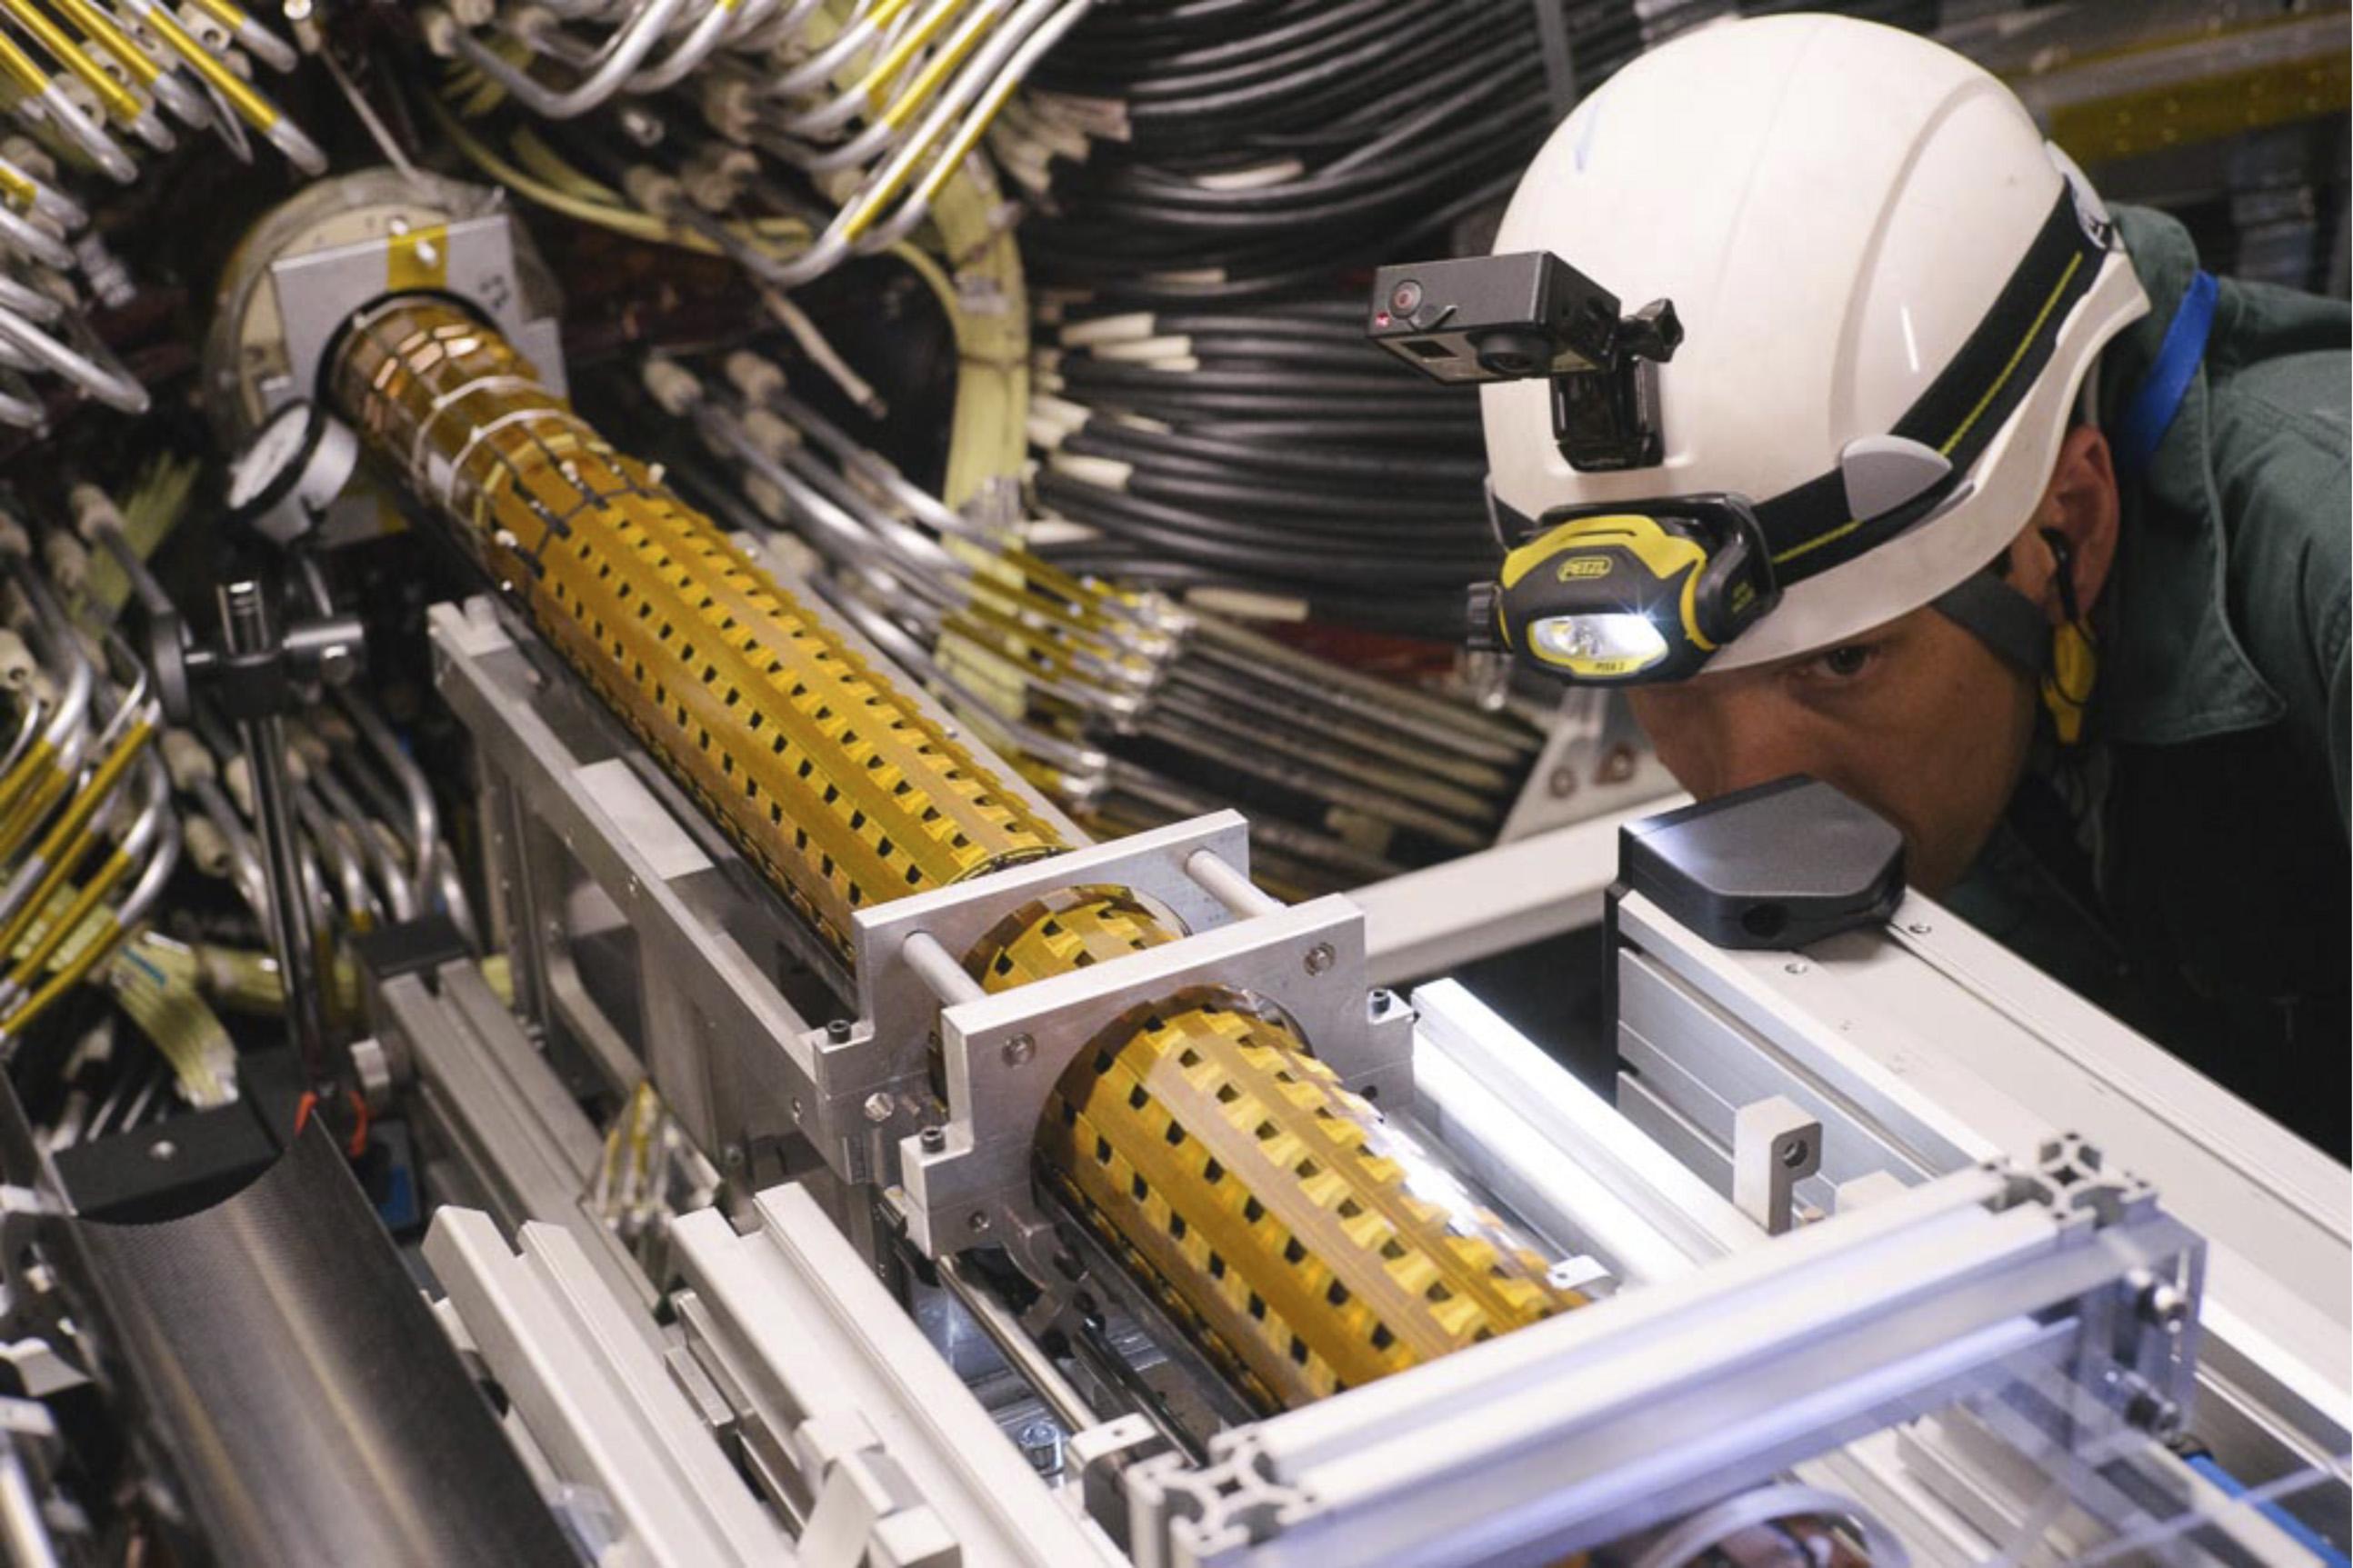 Nová nejvnitřnější vrstva křemíkových dráhových detektorů ATLAS se zasouvá dovnitř ještě blíže k místu srážek do útrob původních vrstev křemíkových dráhových detektorů. (Zdroj ATLAS).